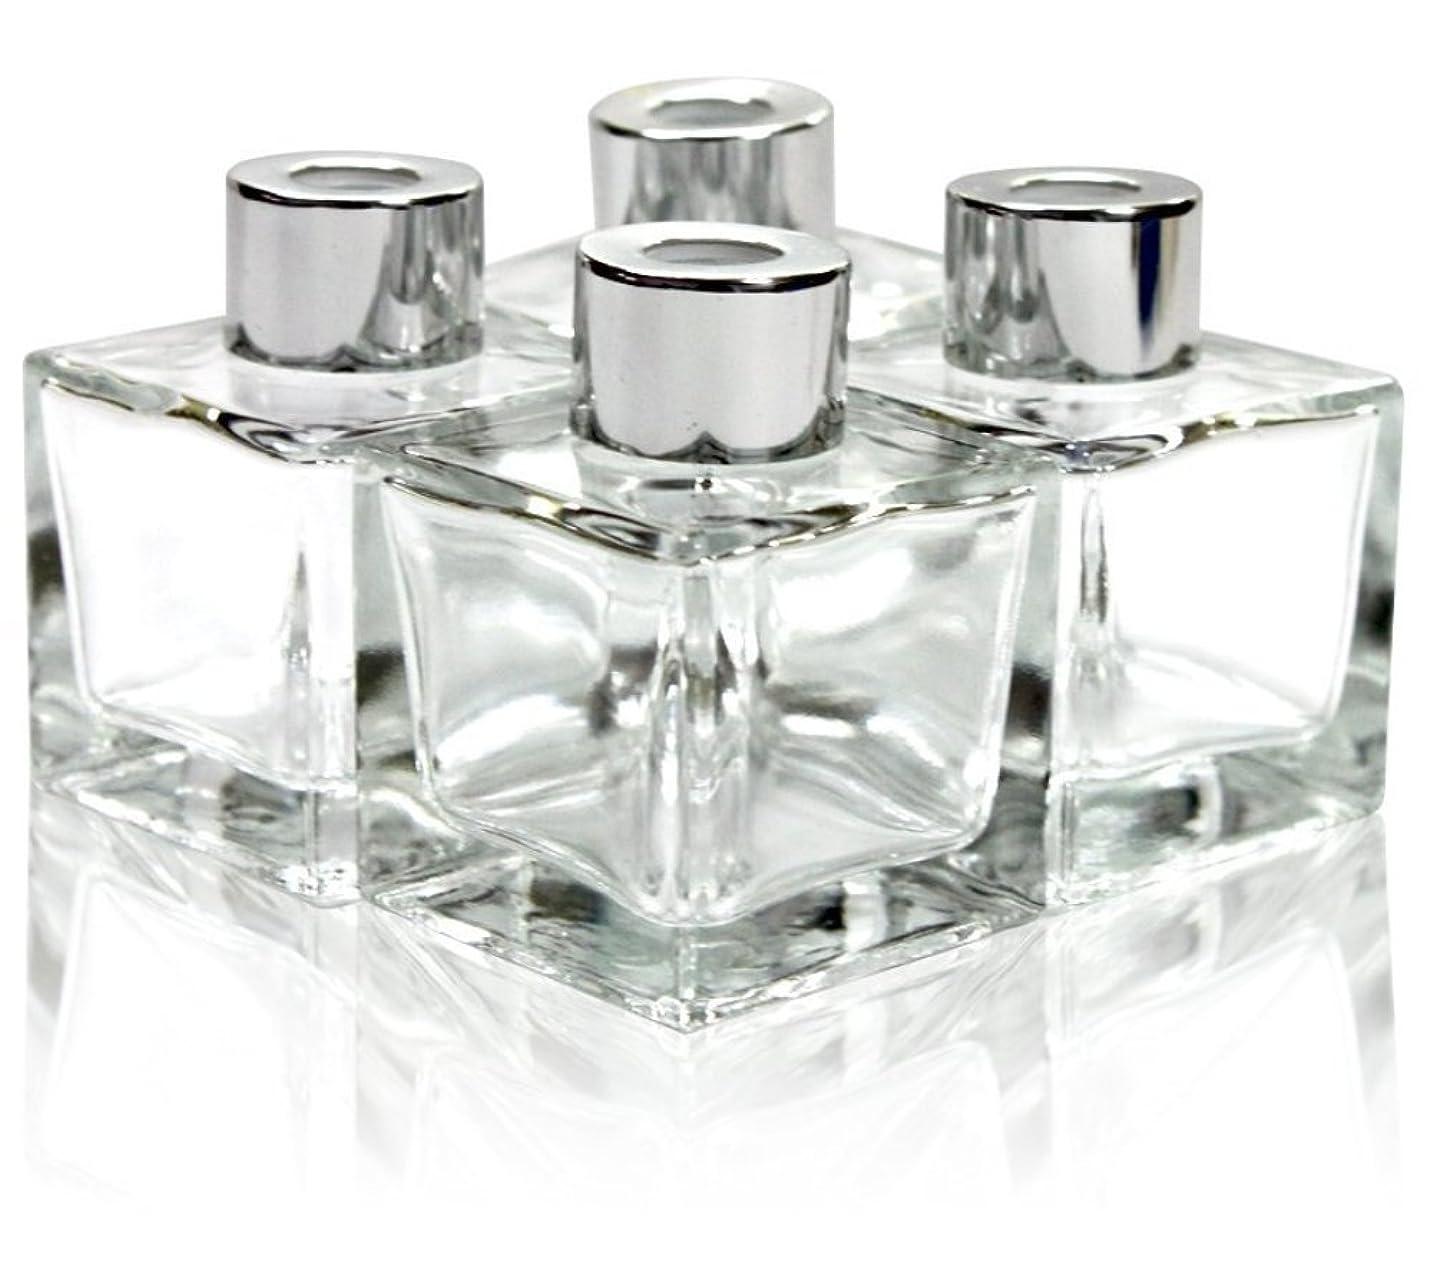 無限大可動セクタFeel FragranceガラスDiffuser Bottles withシルバーキャップのセット4?–?2.5インチ高、50?ml 1.7?FL OZ SMALL SQUARE SHAPE、Fragranceアクセサリー使用、DIY交換用リードディフューザーセット